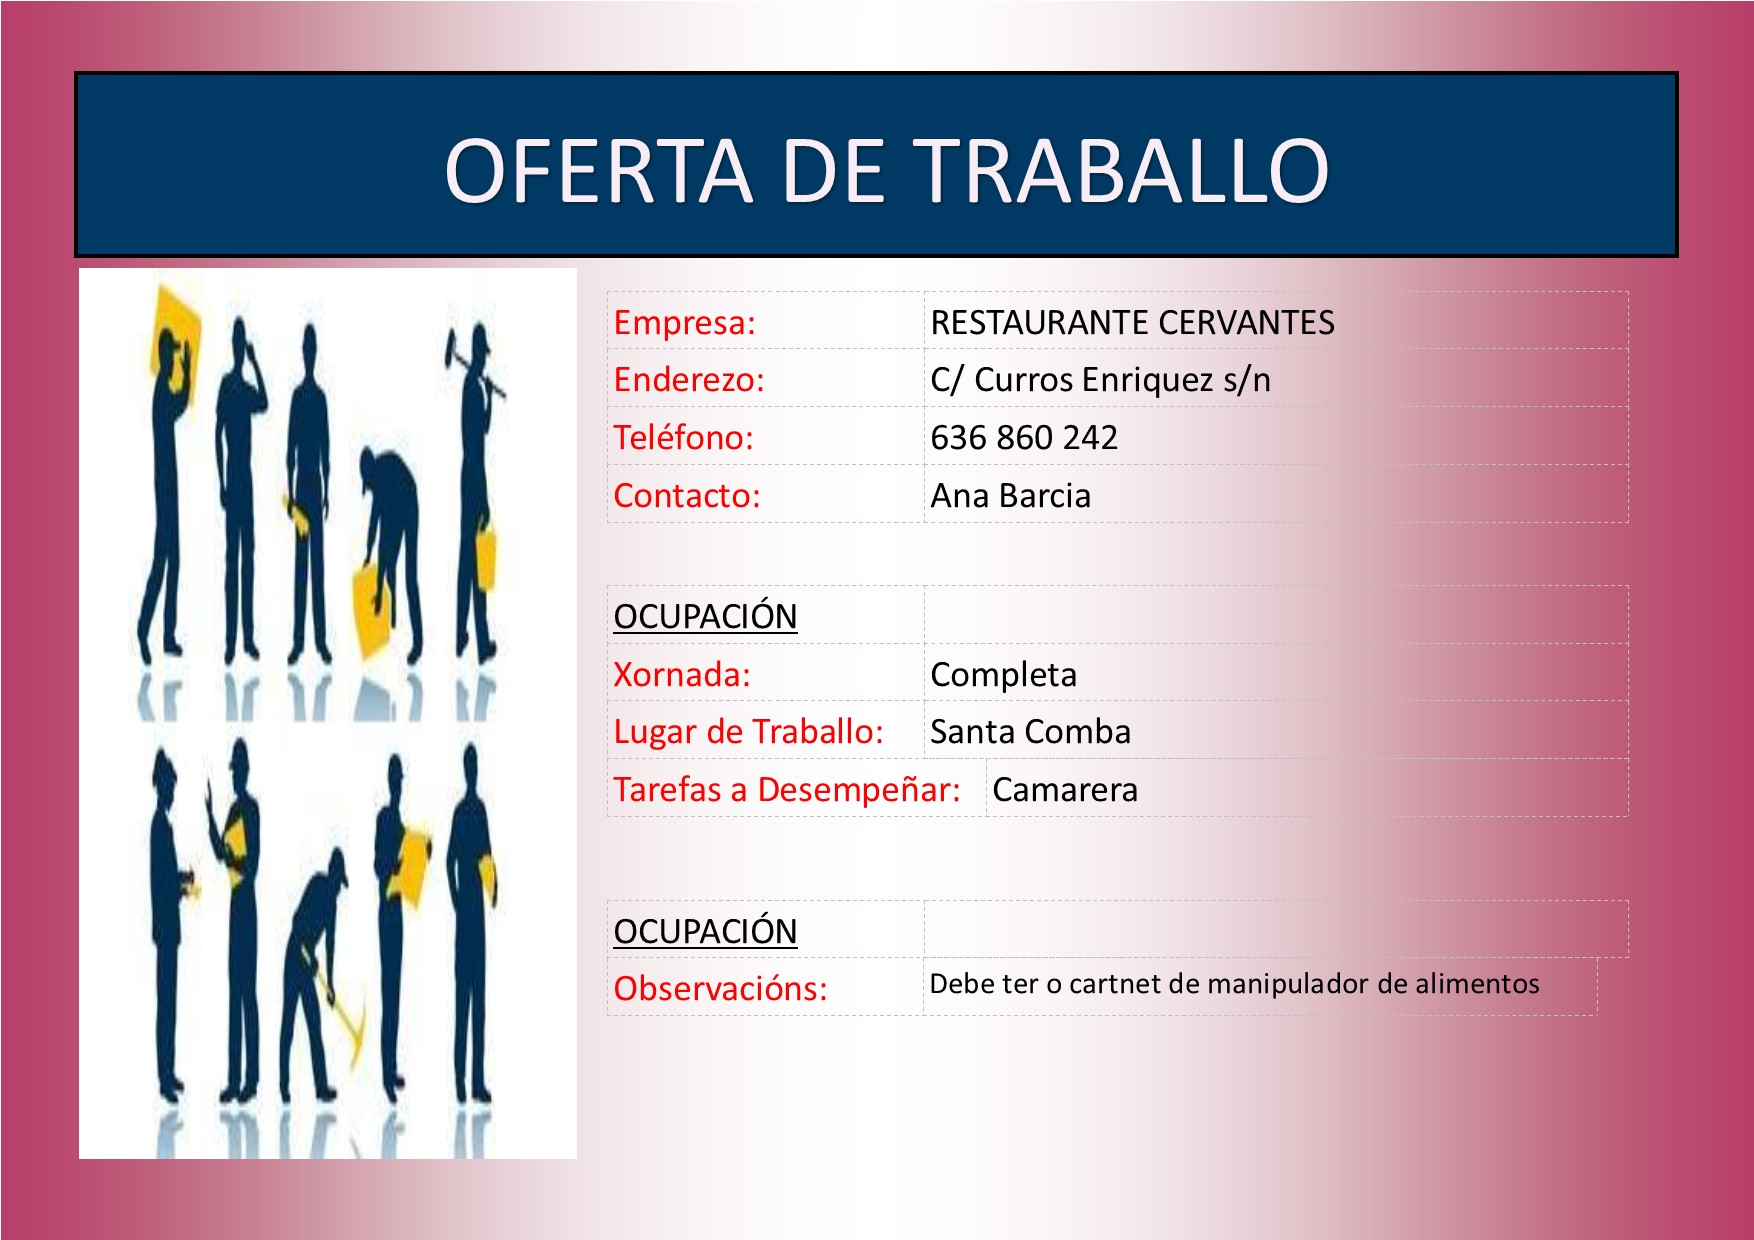 (2016 - 01 - 11) OFERTA DE TRABALLO